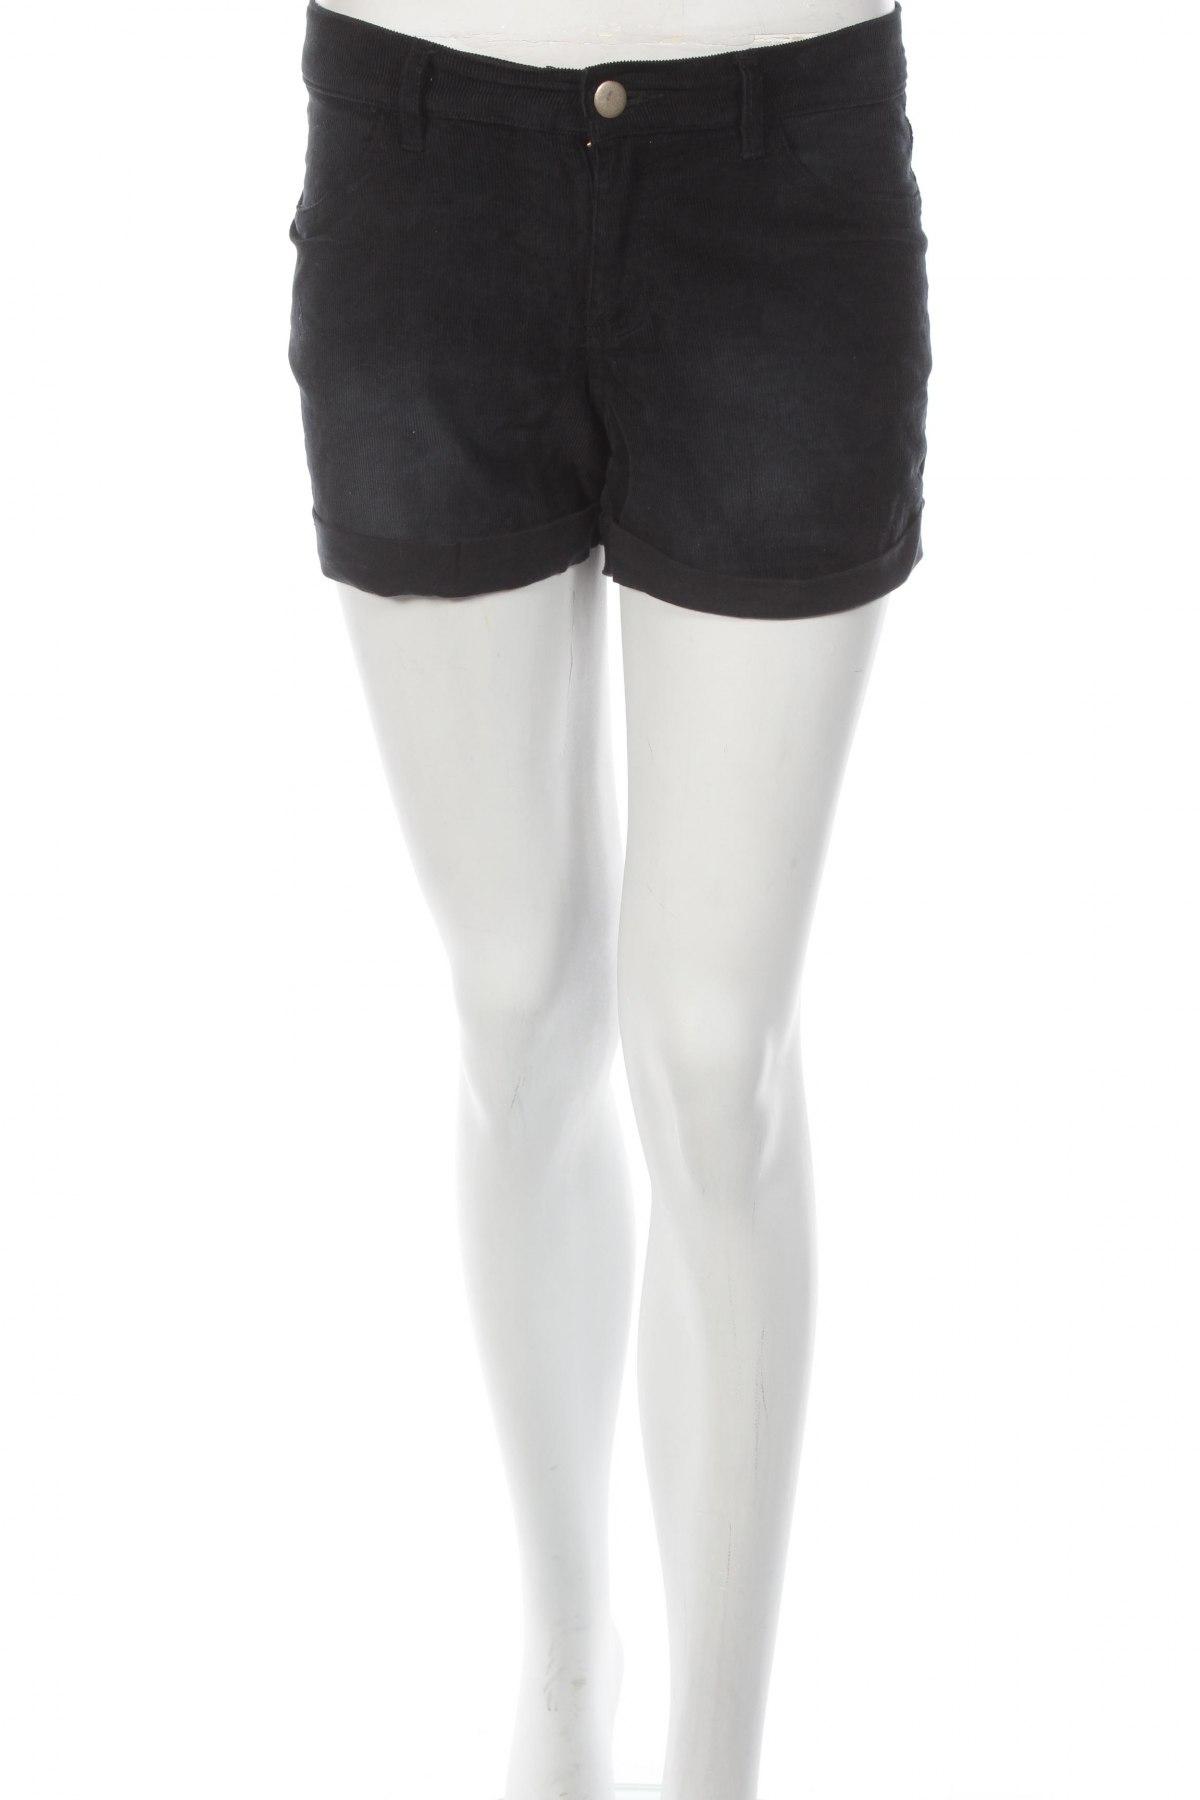 Γυναικείο κοντό παντελόνι, Μέγεθος S, Χρώμα Μαύρο, 97% βαμβάκι, 3% ελαστάνη, Τιμή 4,90€